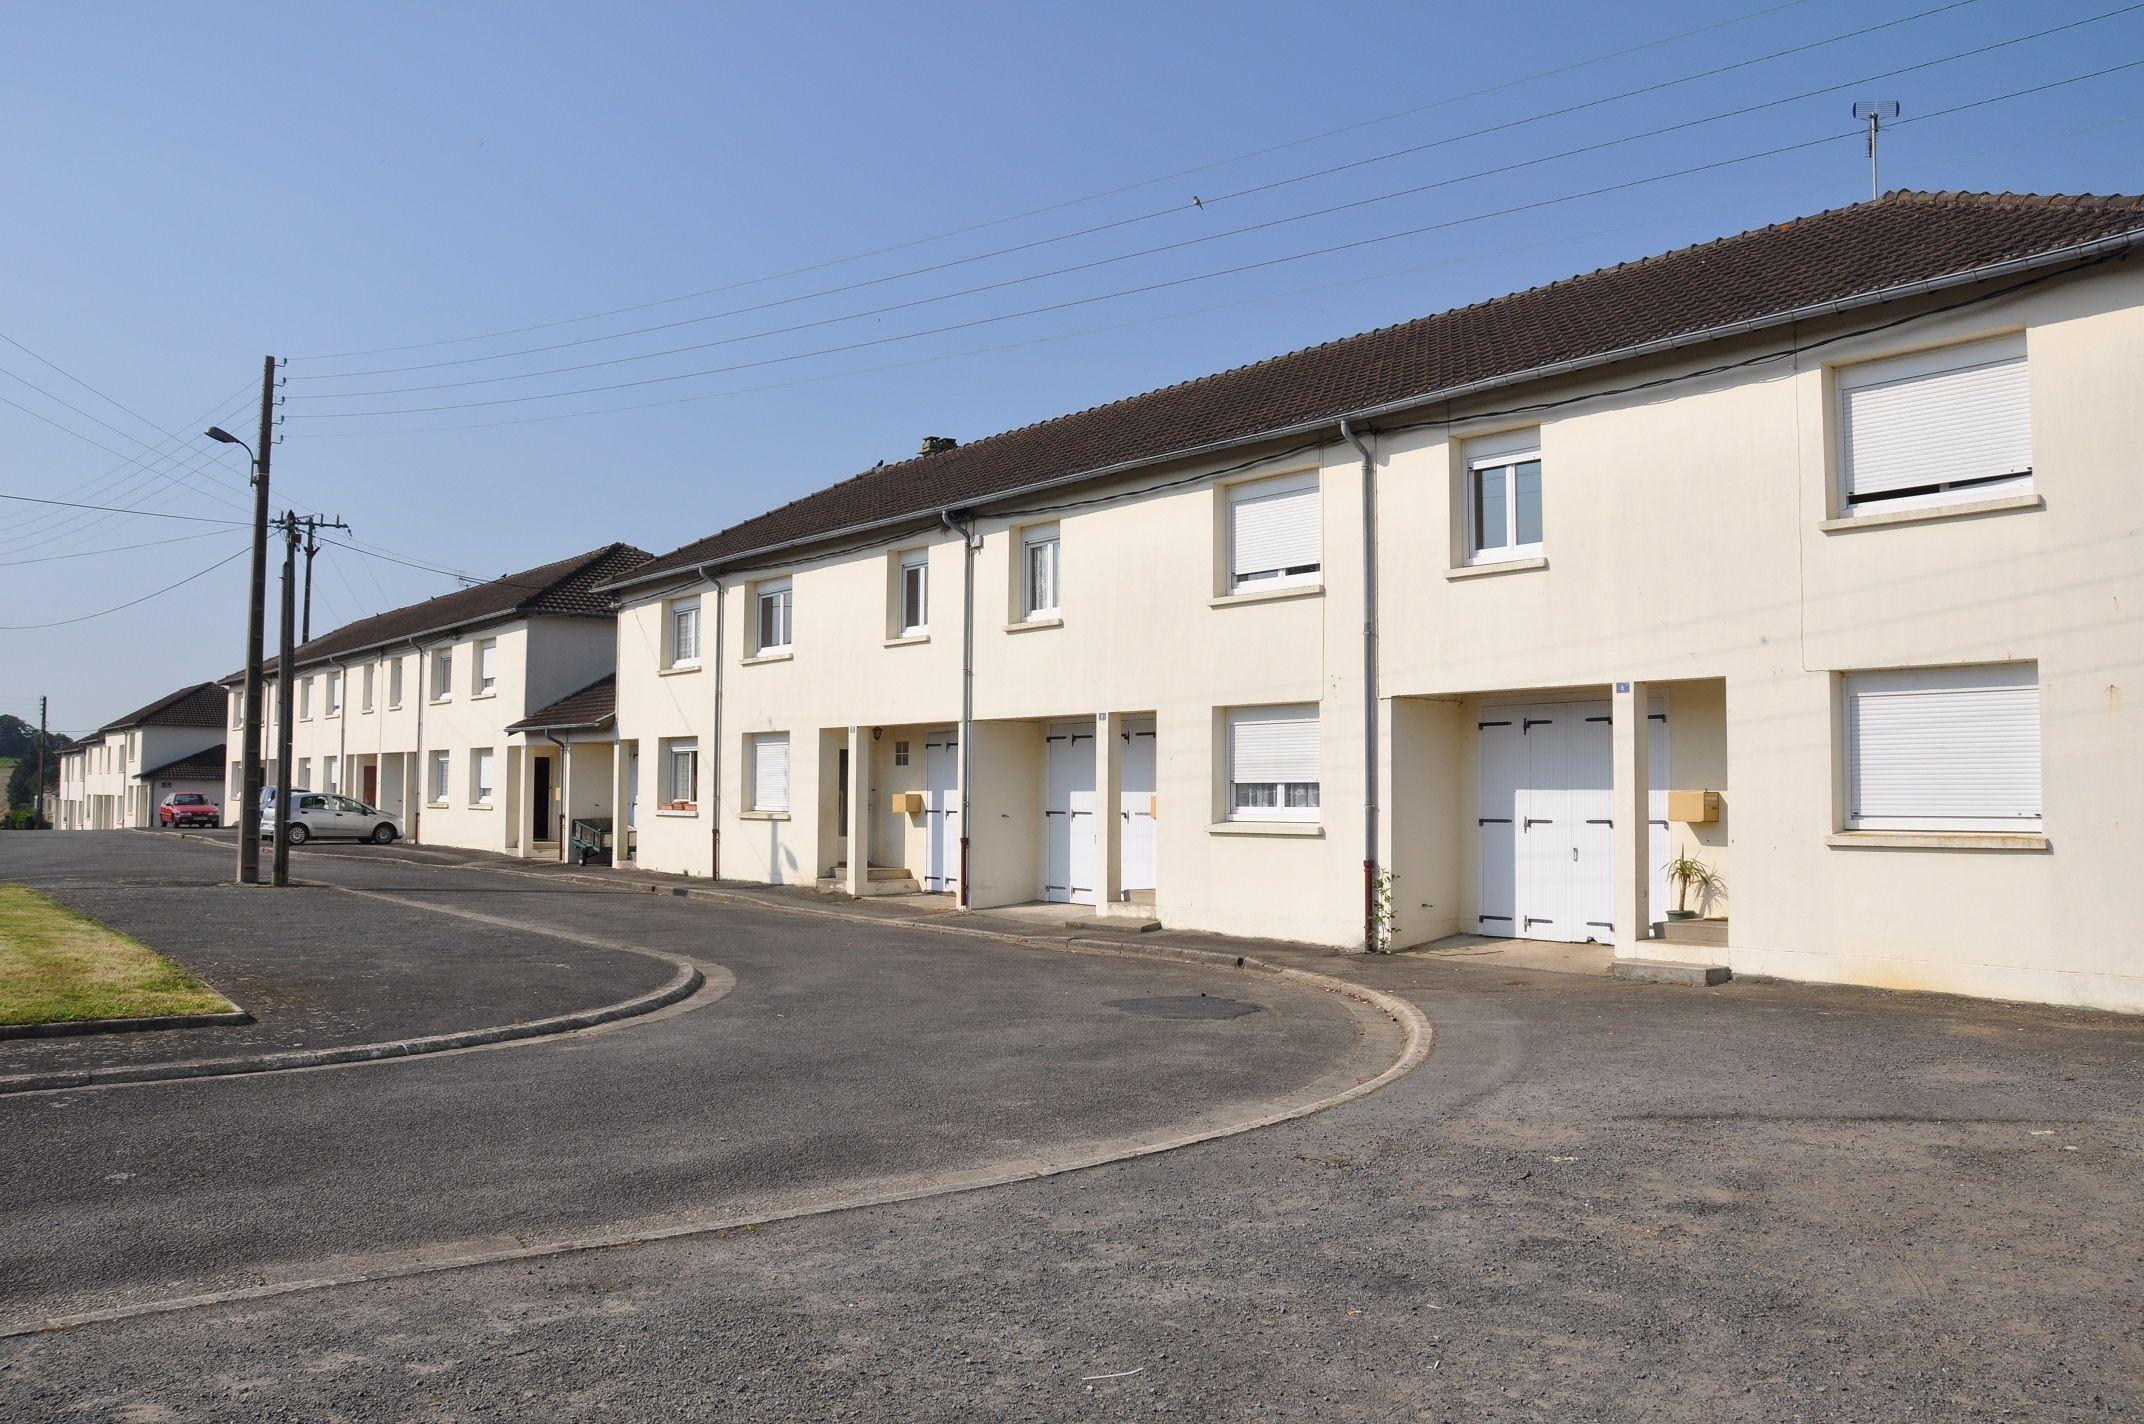 Logement tinchebray locataion maison t4 orne for Entretien exterieur locataire